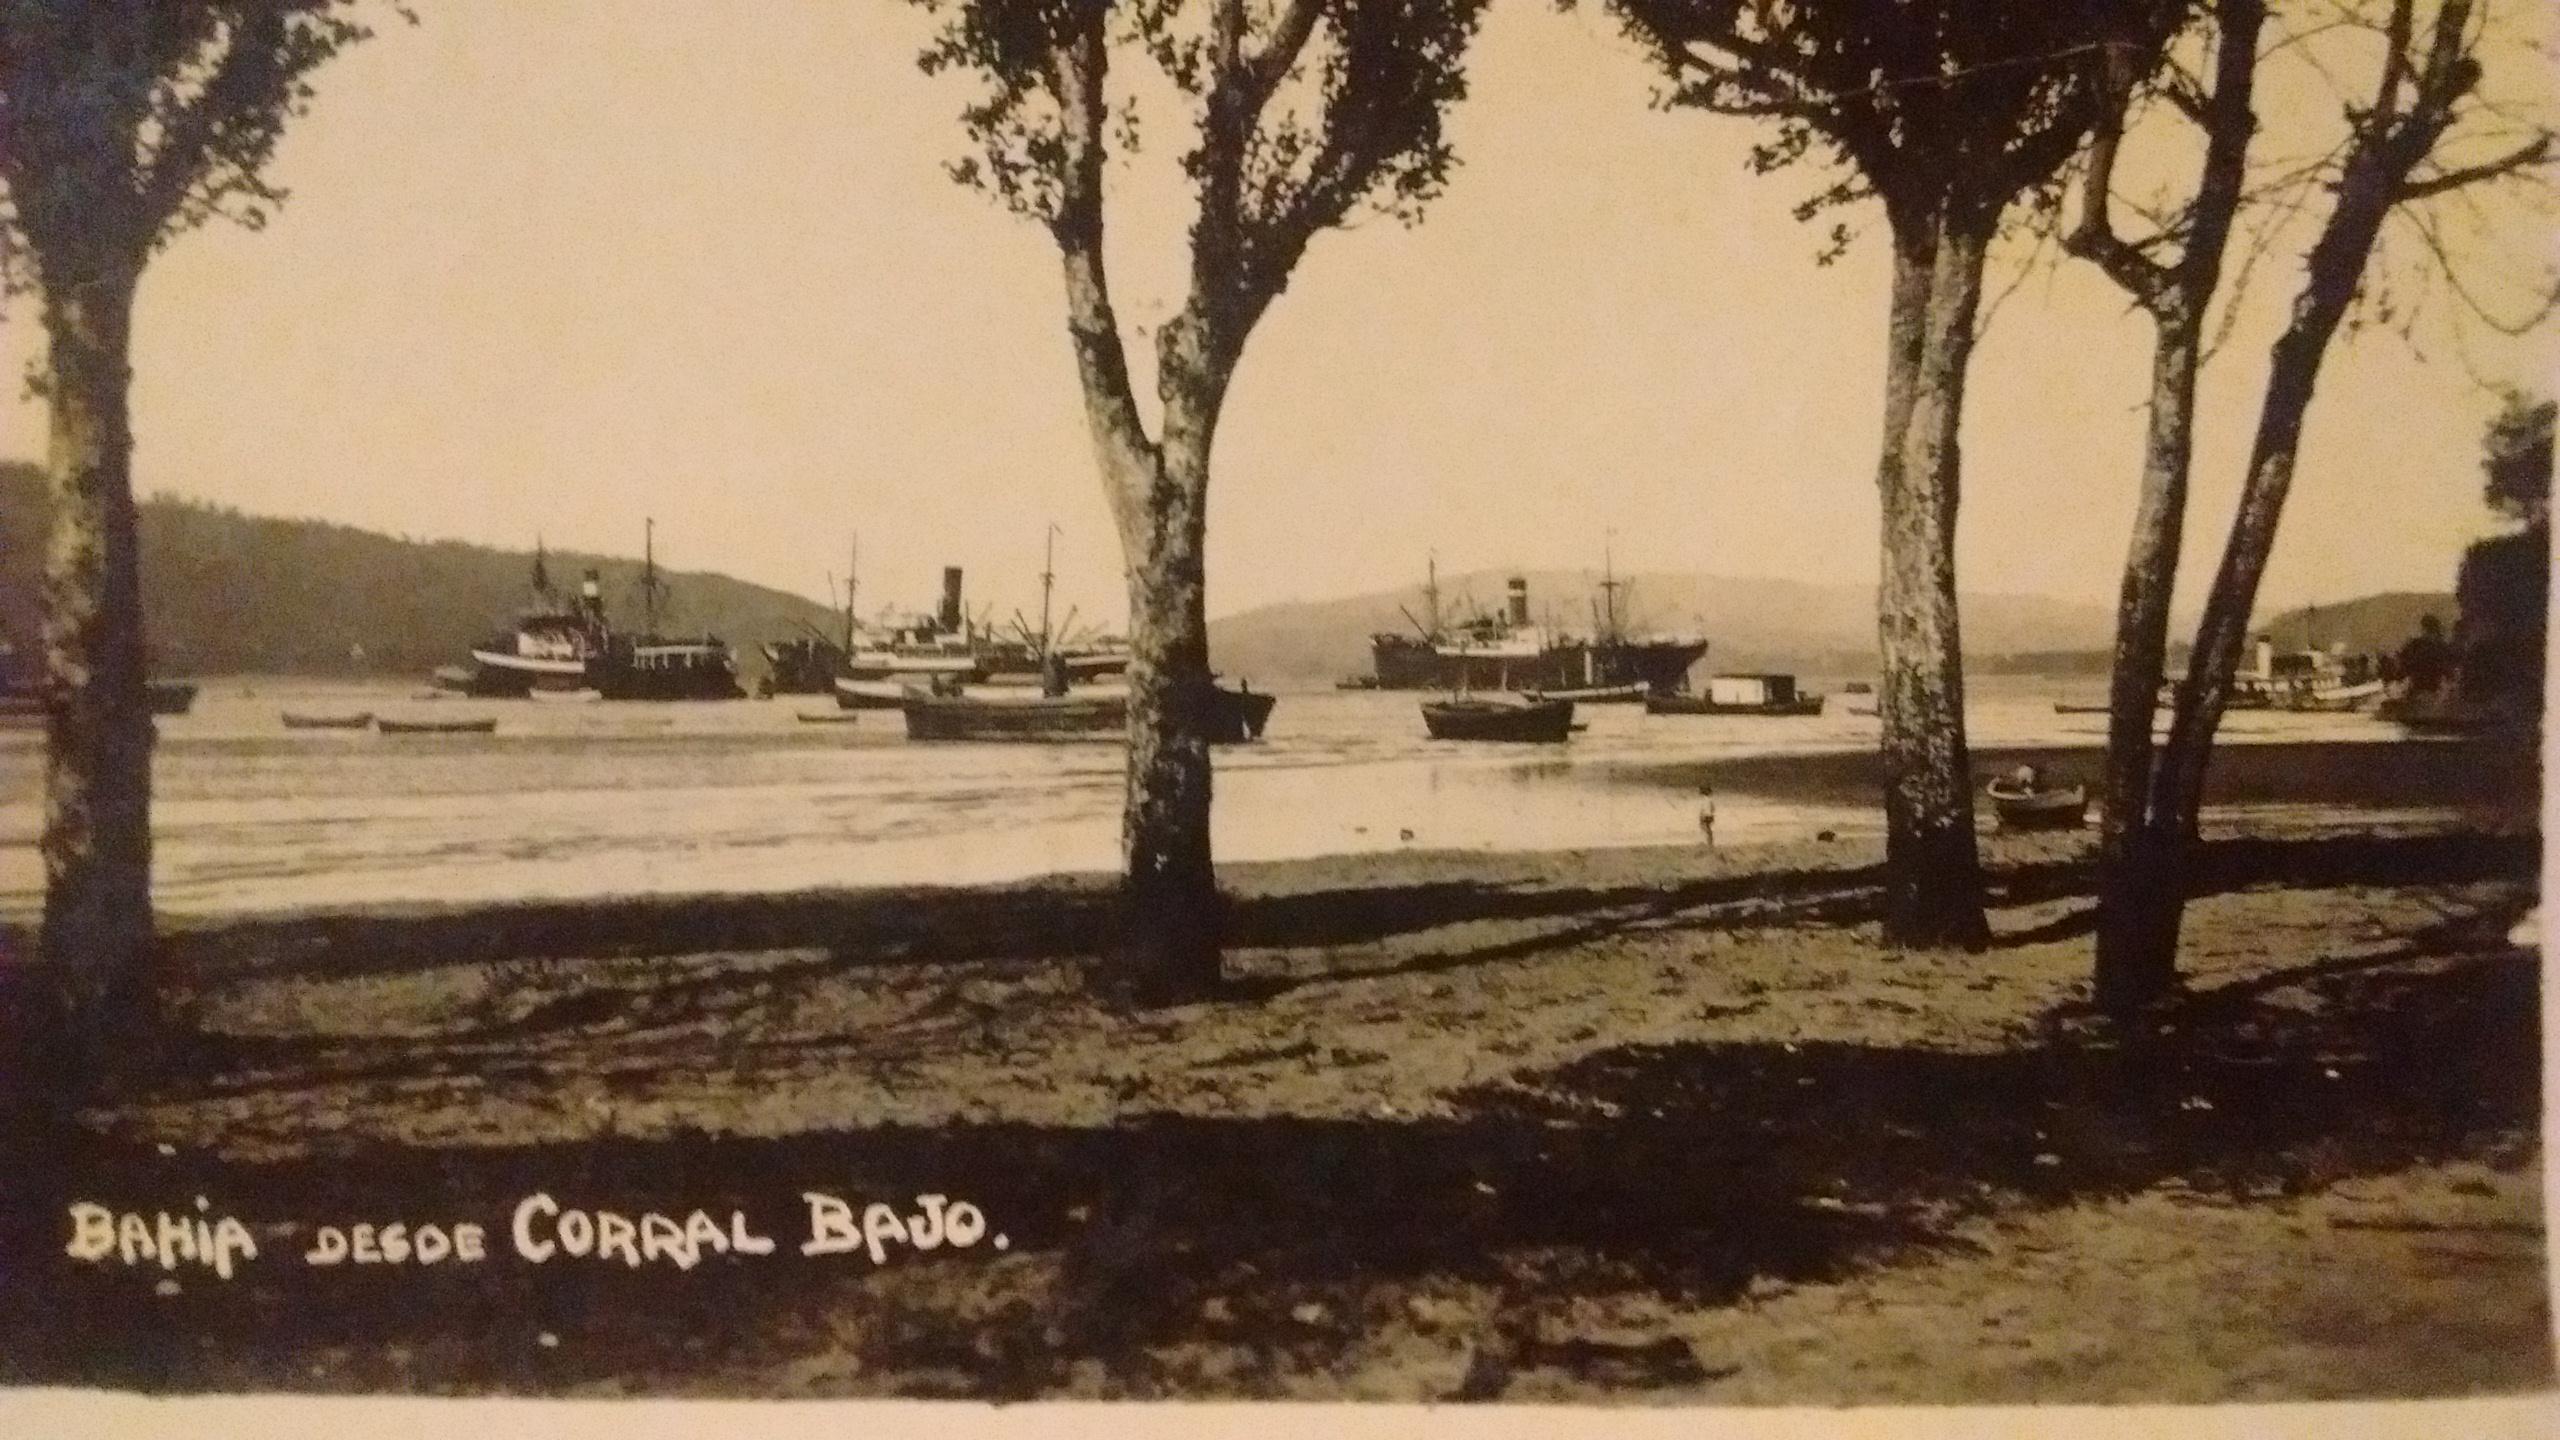 Enterreno - Fotos históricas de chile - fotos antiguas de Chile - Bahía Corral en 1933